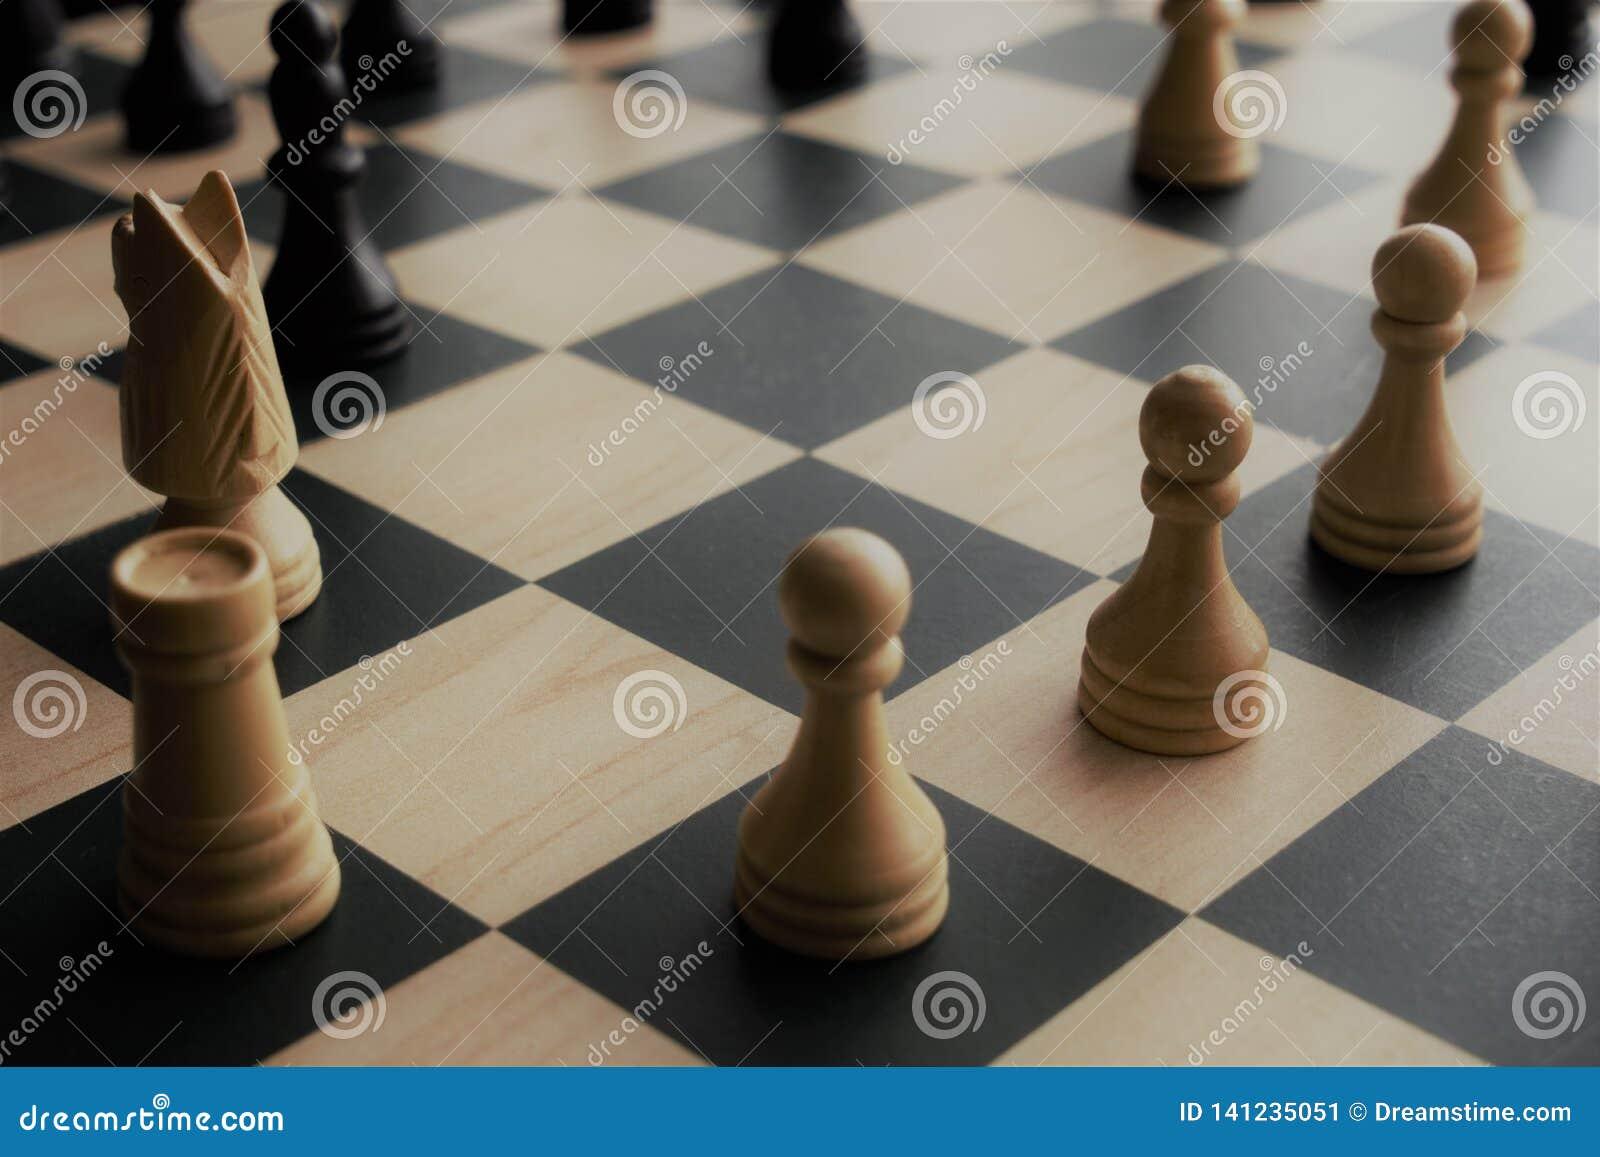 Nahaufnahmebild von Schachfiguren